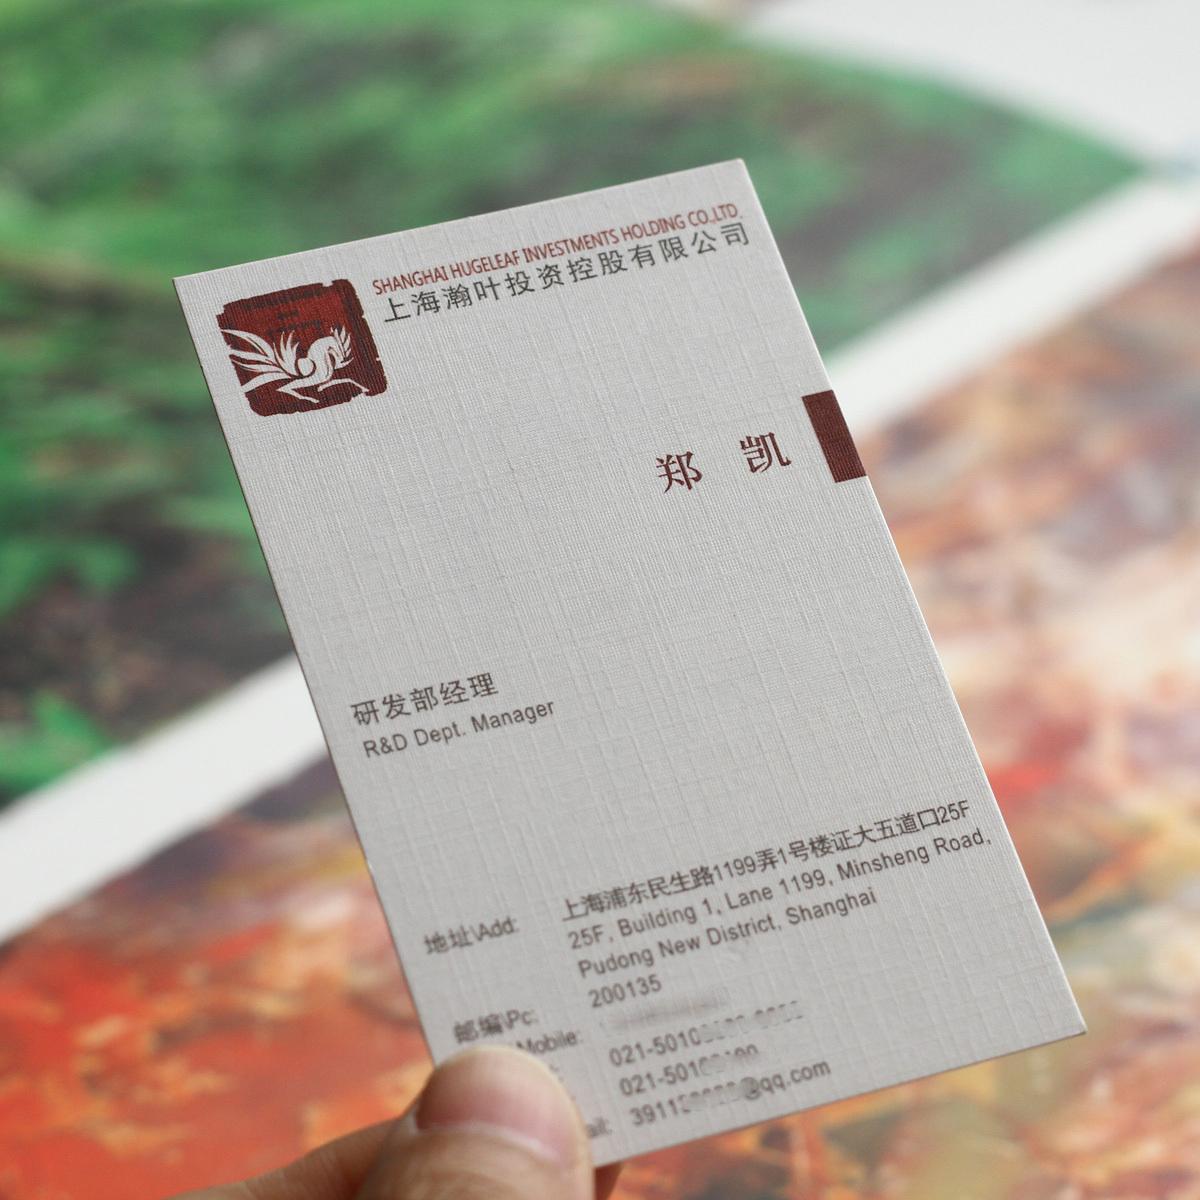 热卖500光星克珠幻轮廓,印刷,绘制名片,烫金名片,超厚高档名片推荐ps如何根据打印名片图片